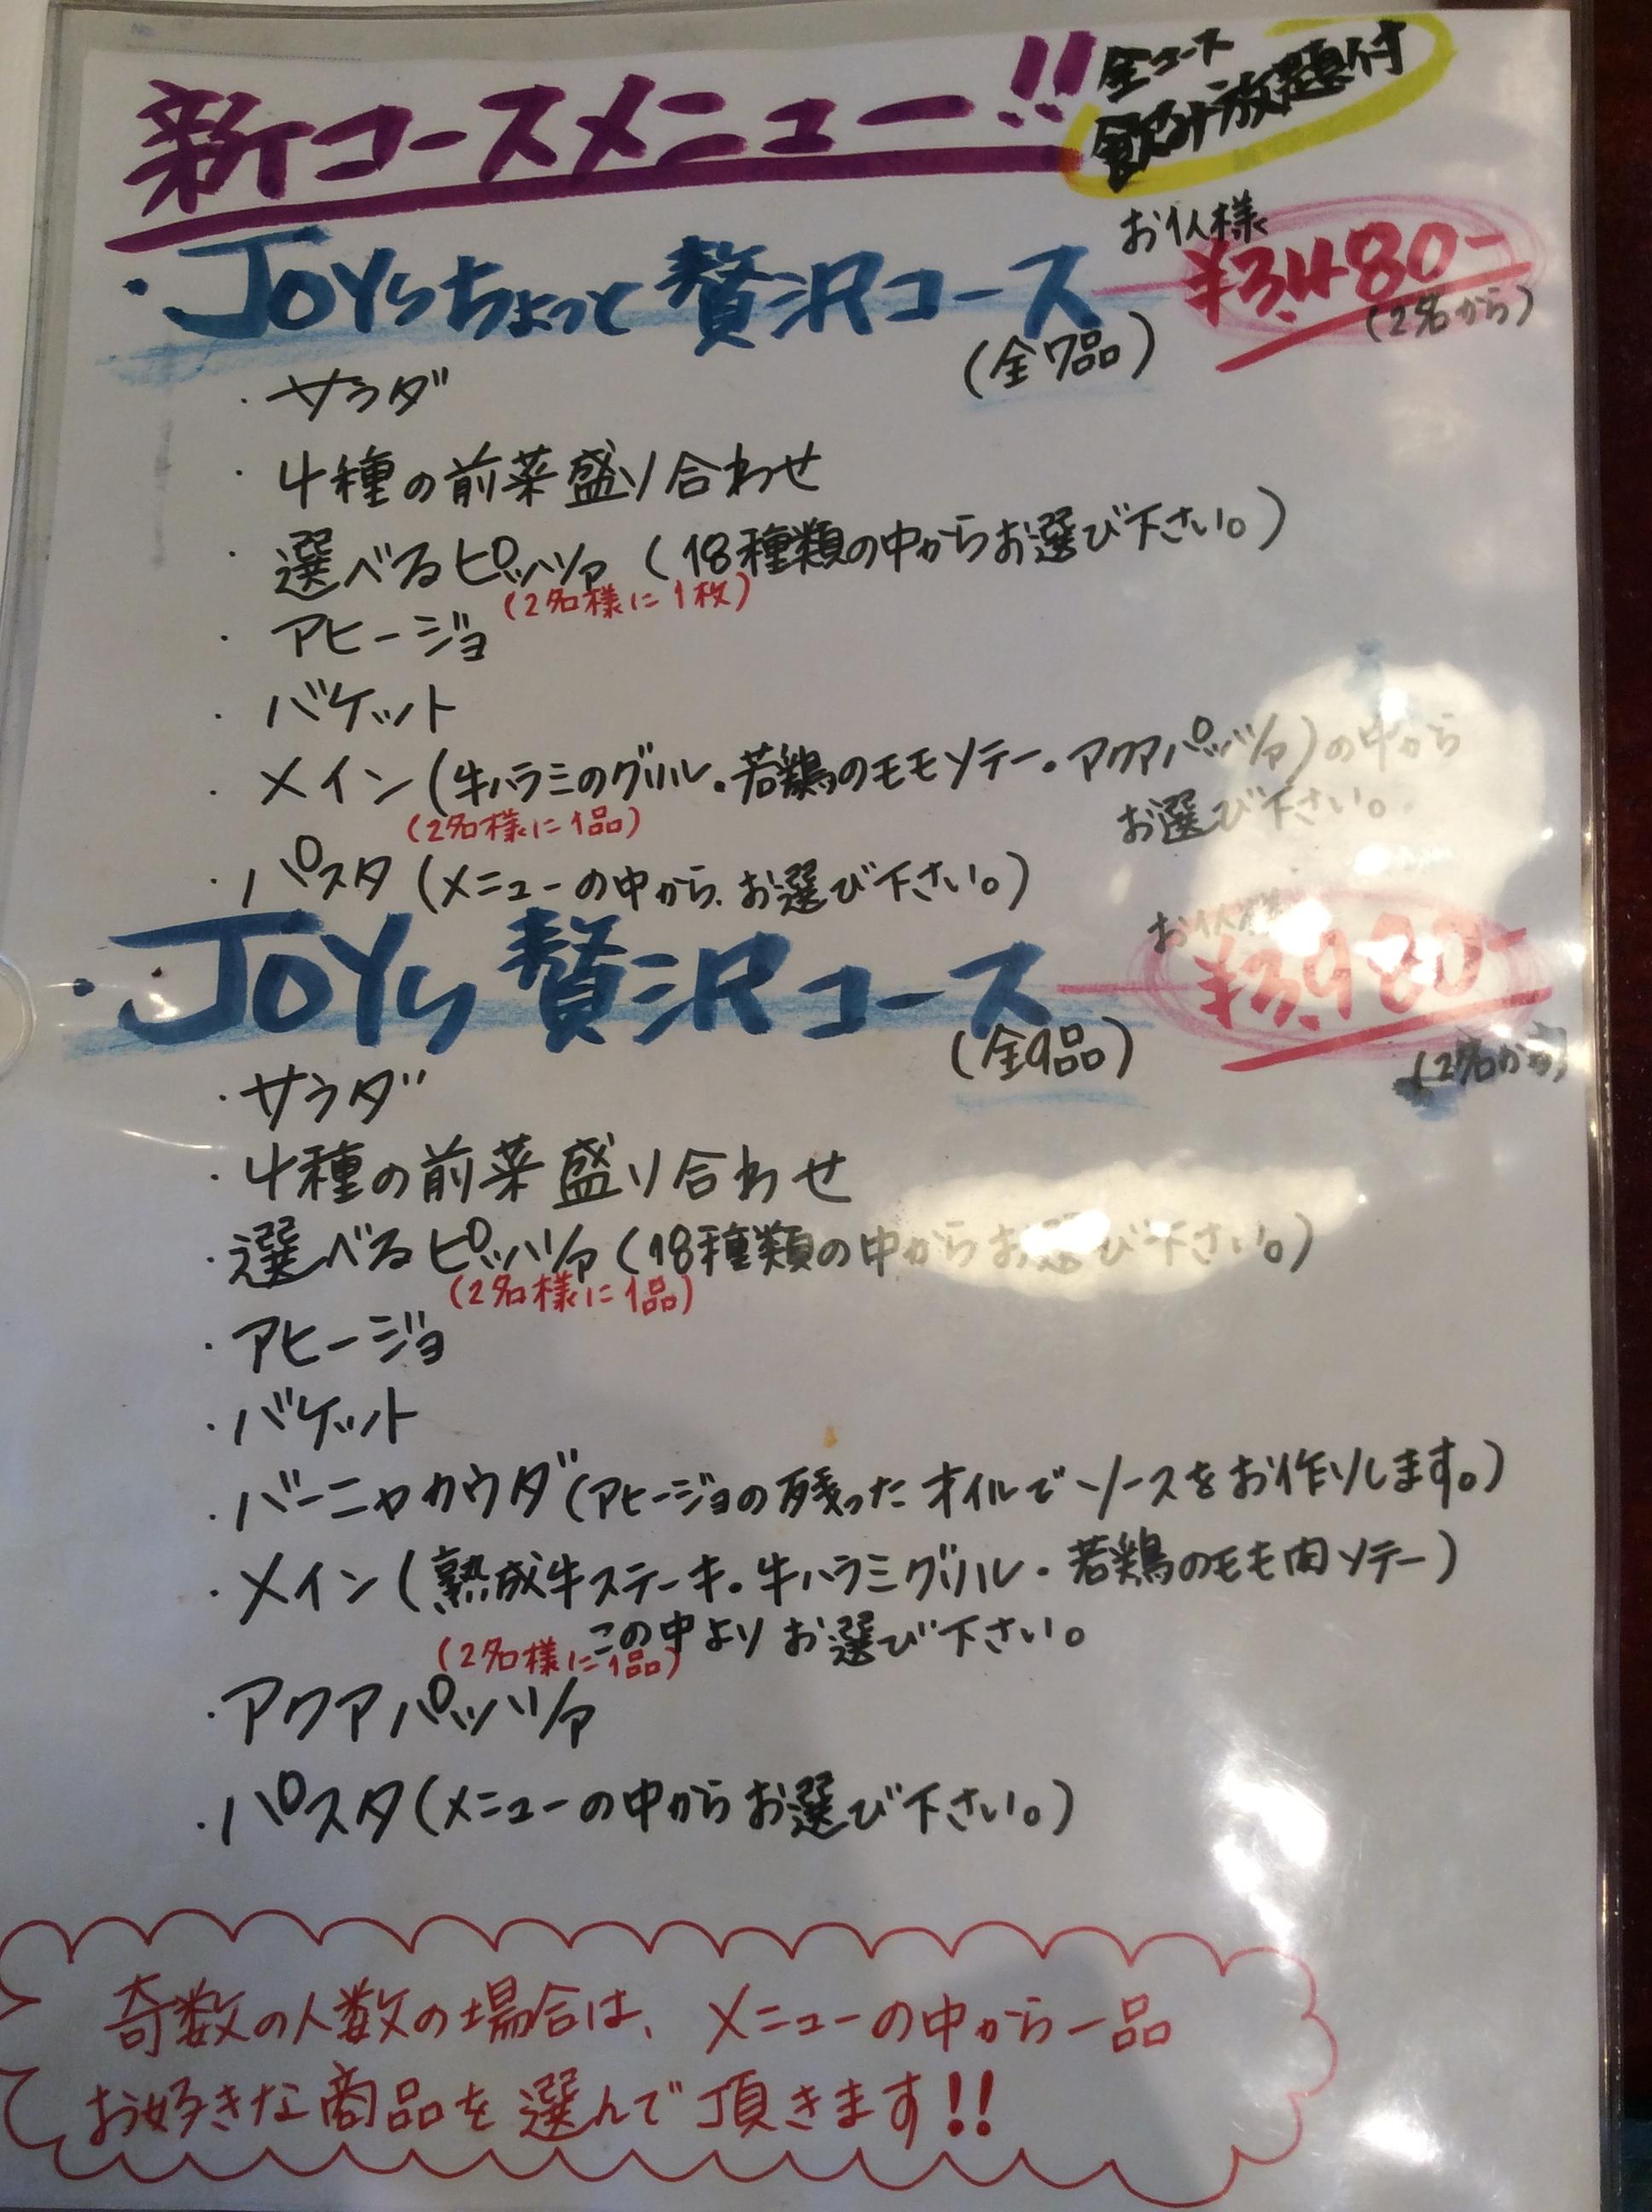 幹事様、忘年会のご予約はお済みですか?五井駅近くのジョイズへ!